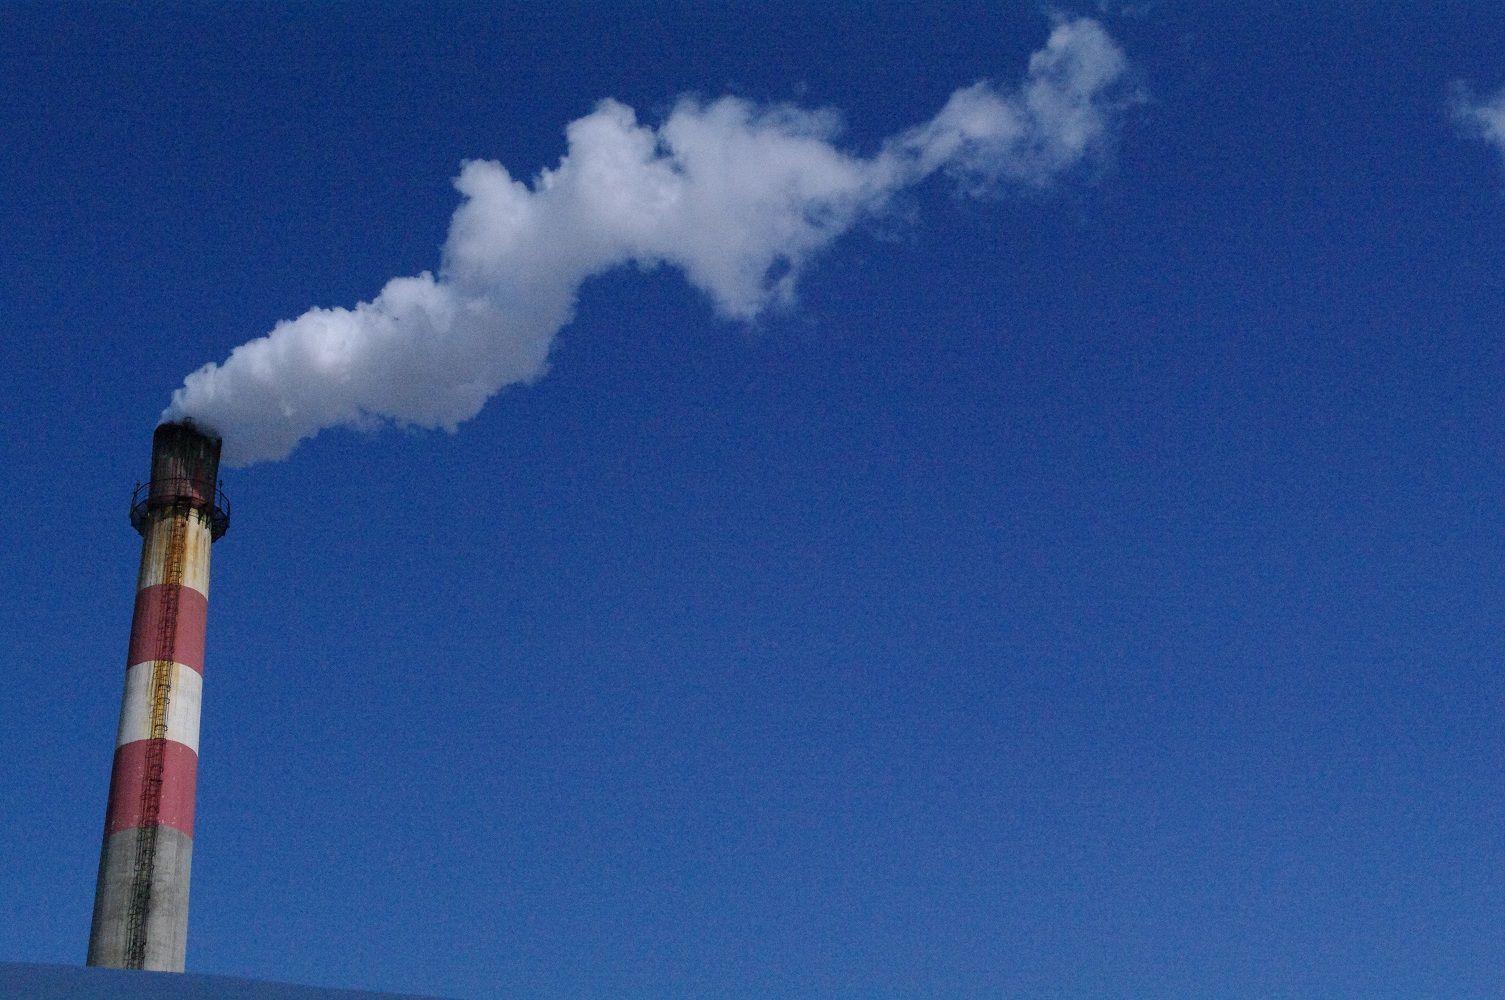 Парниковые газы, автор: CECAR, лицензия: CC BY 2.0